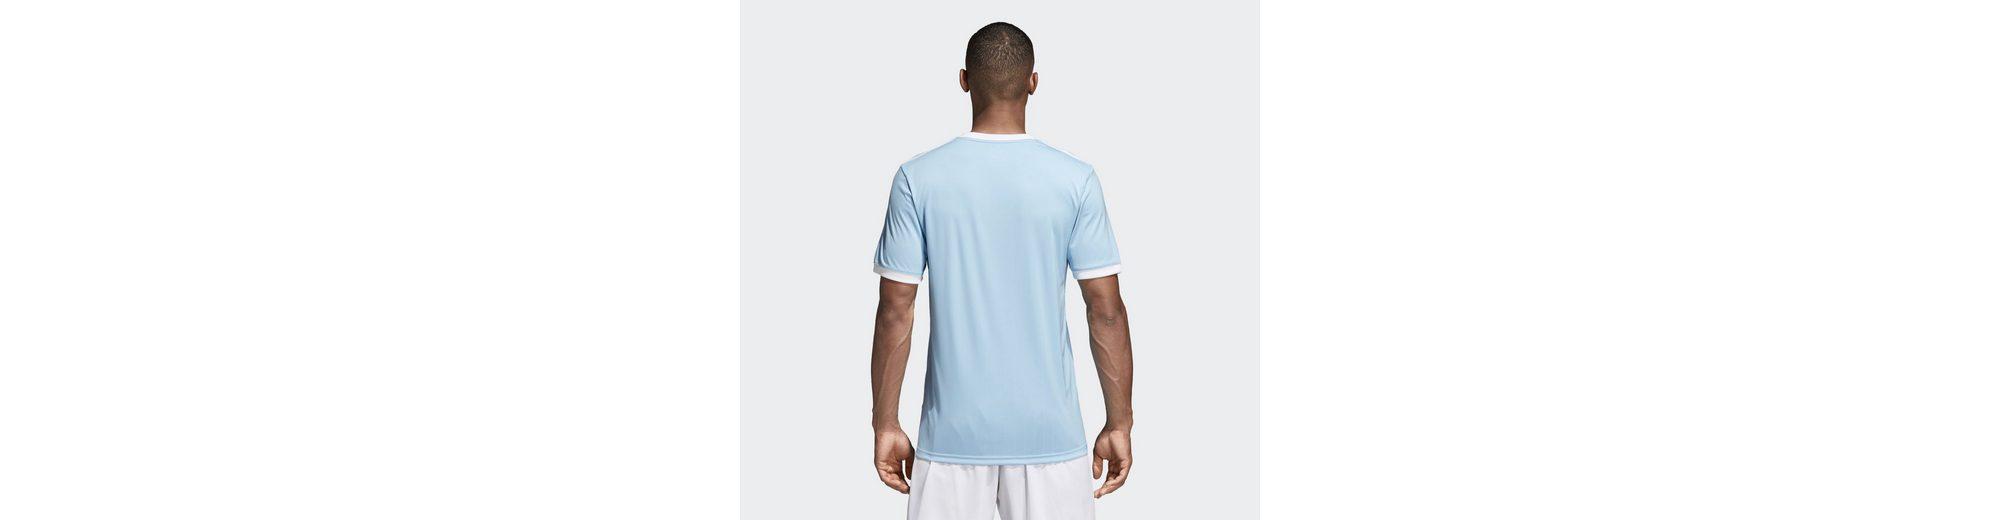 adidas Performance Footballtrikot Tabela 18 Trikot Kauf Zum Verkauf 2018 Neue Preiswerte Online Outlet Top-Qualität Spielraum Viele Arten Von Gg14U